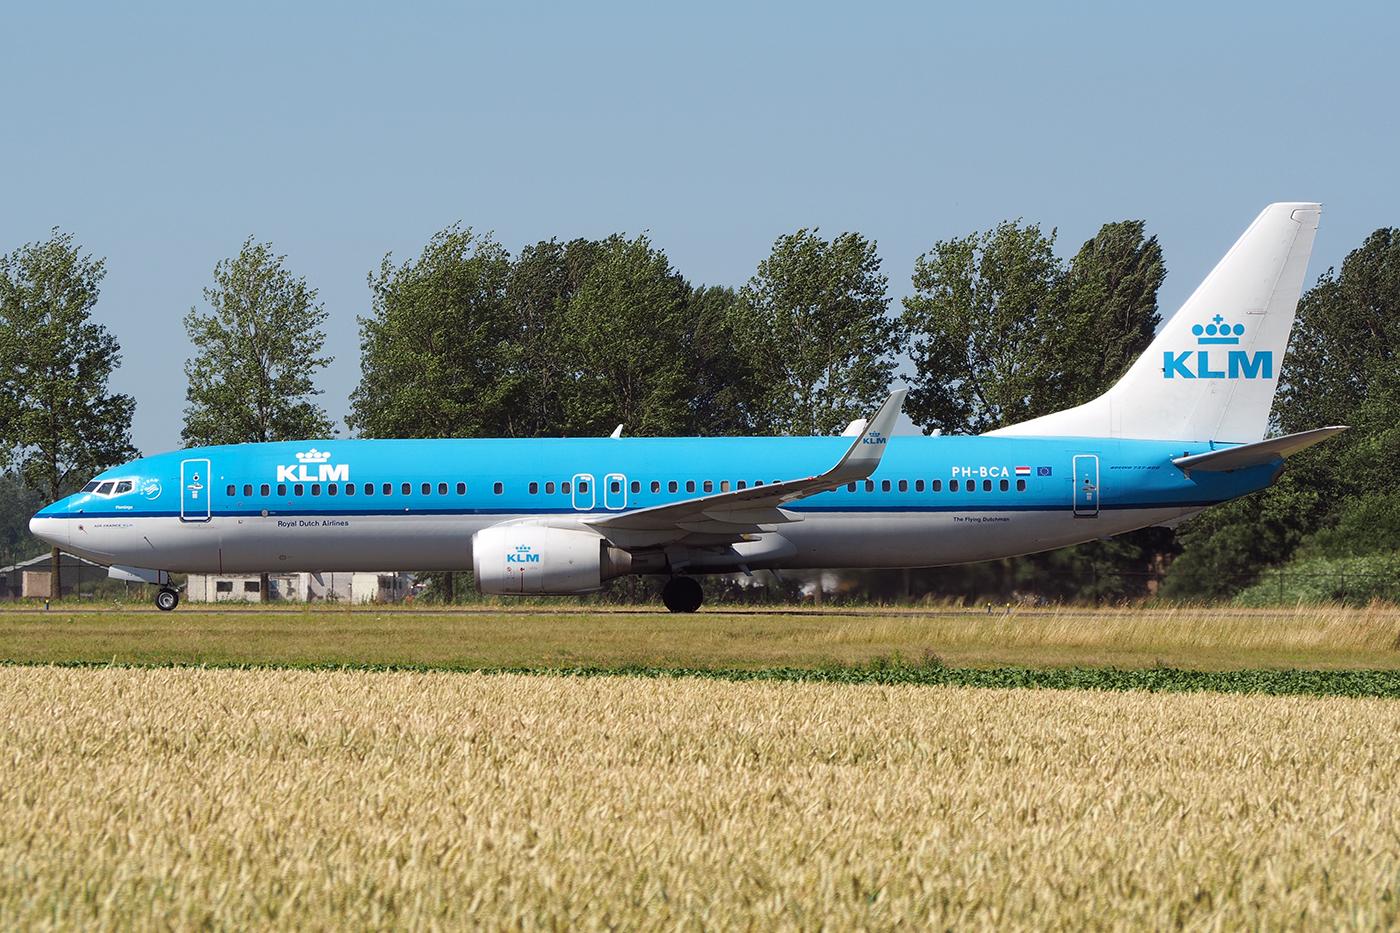 PH-BCA, KLM, B737-800